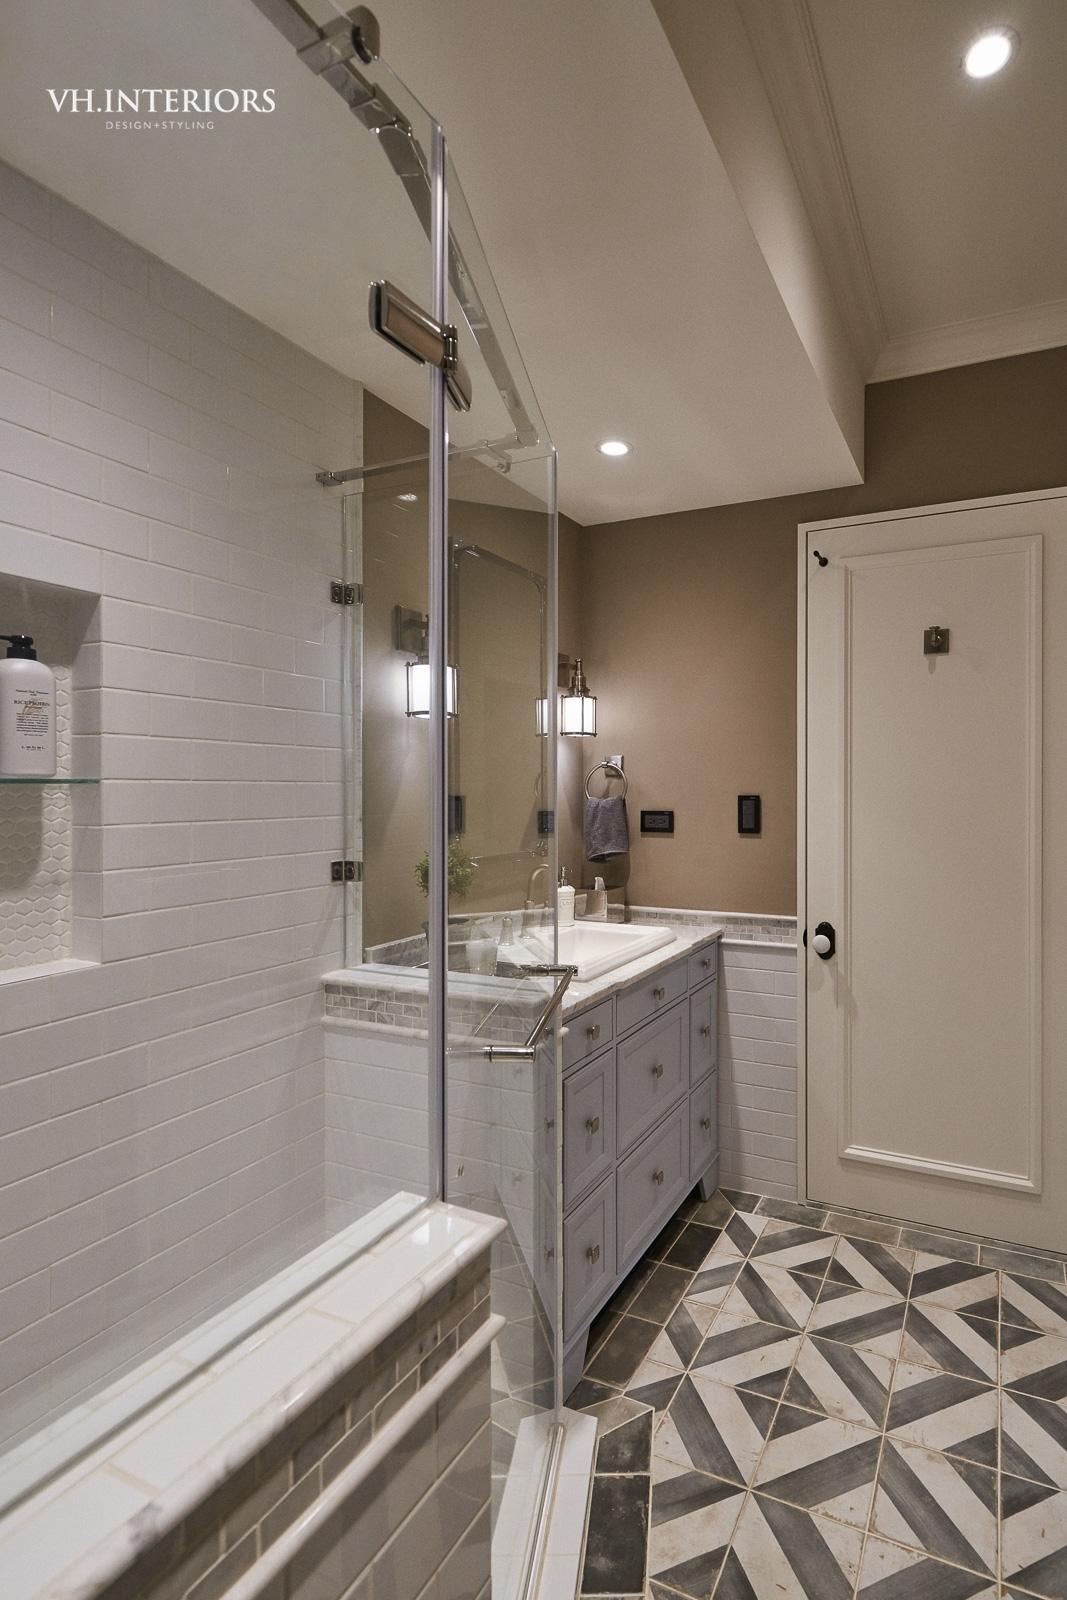 VH_ApartmentWithDog-682.jpg